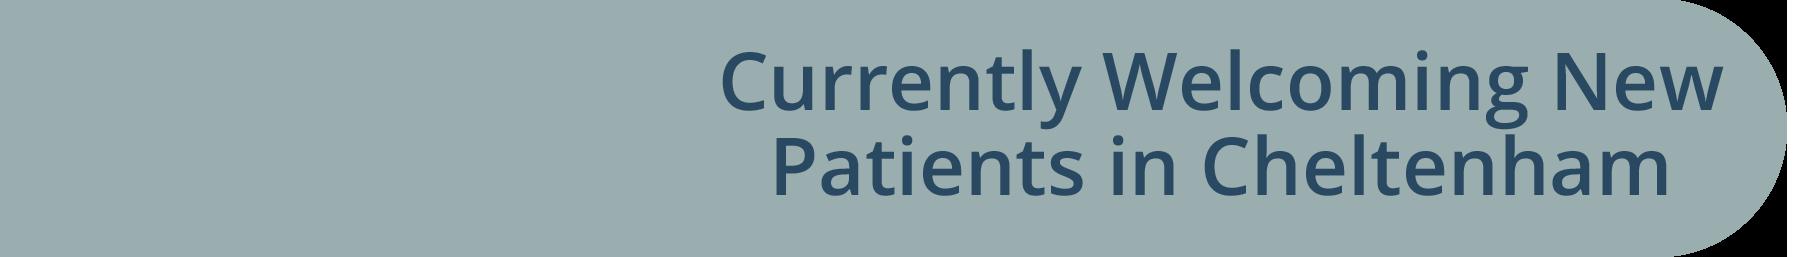 Welcoming new patients in shipways